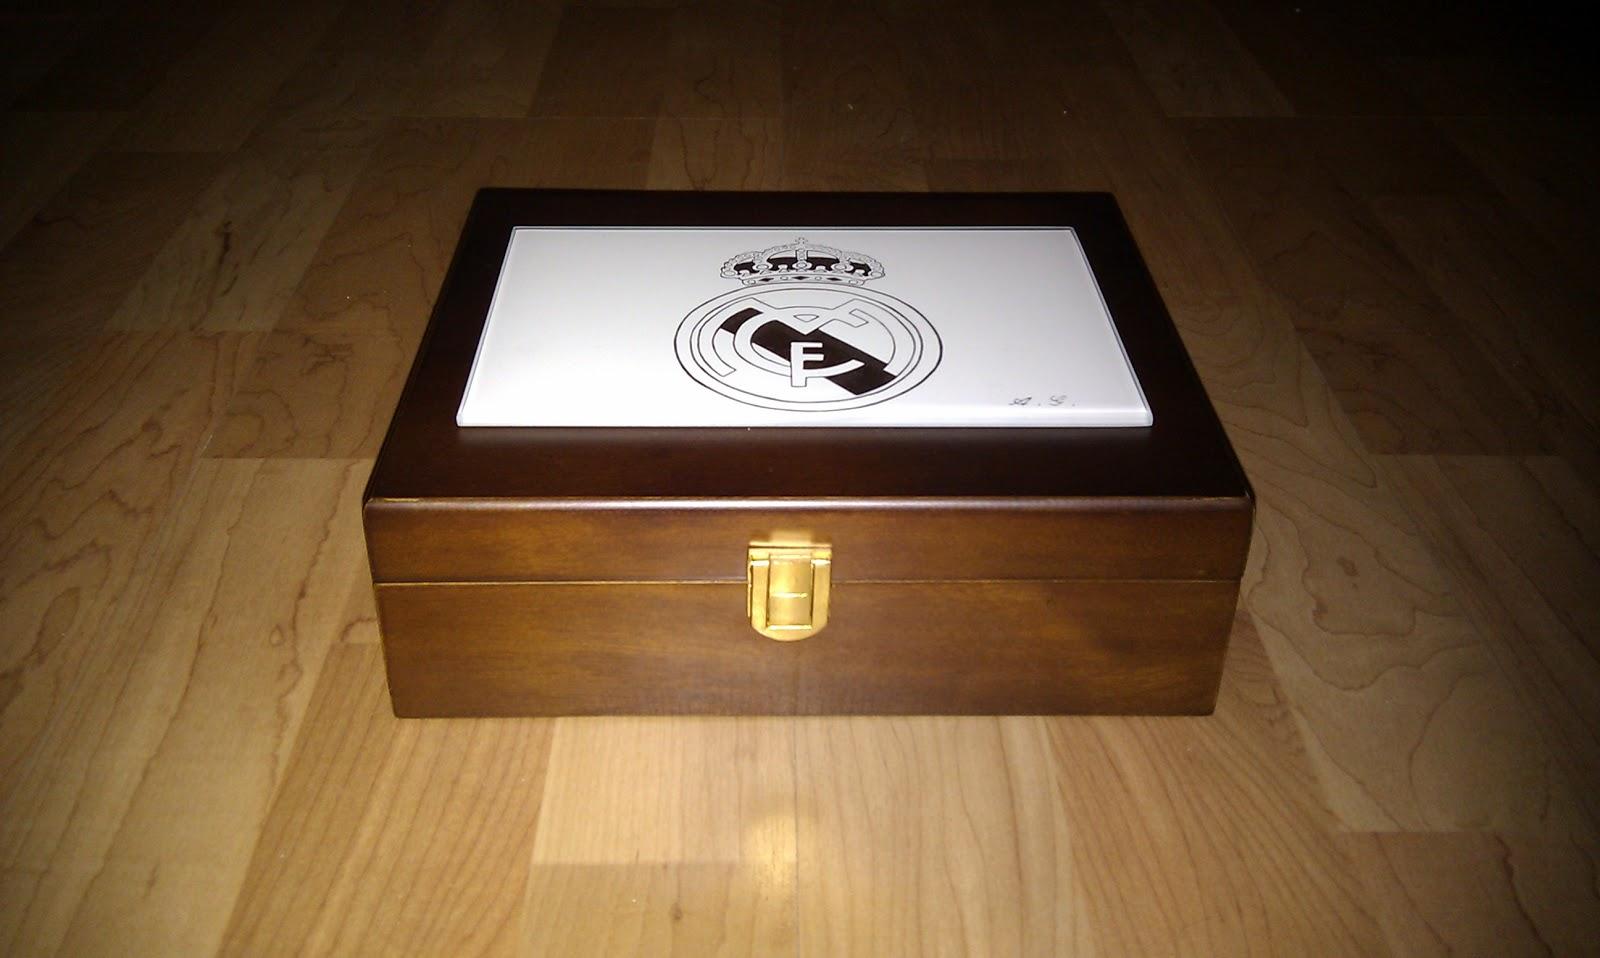 Pon tu huella regalos personalizados cajita de madera - Caja de arquitectos madrid ...